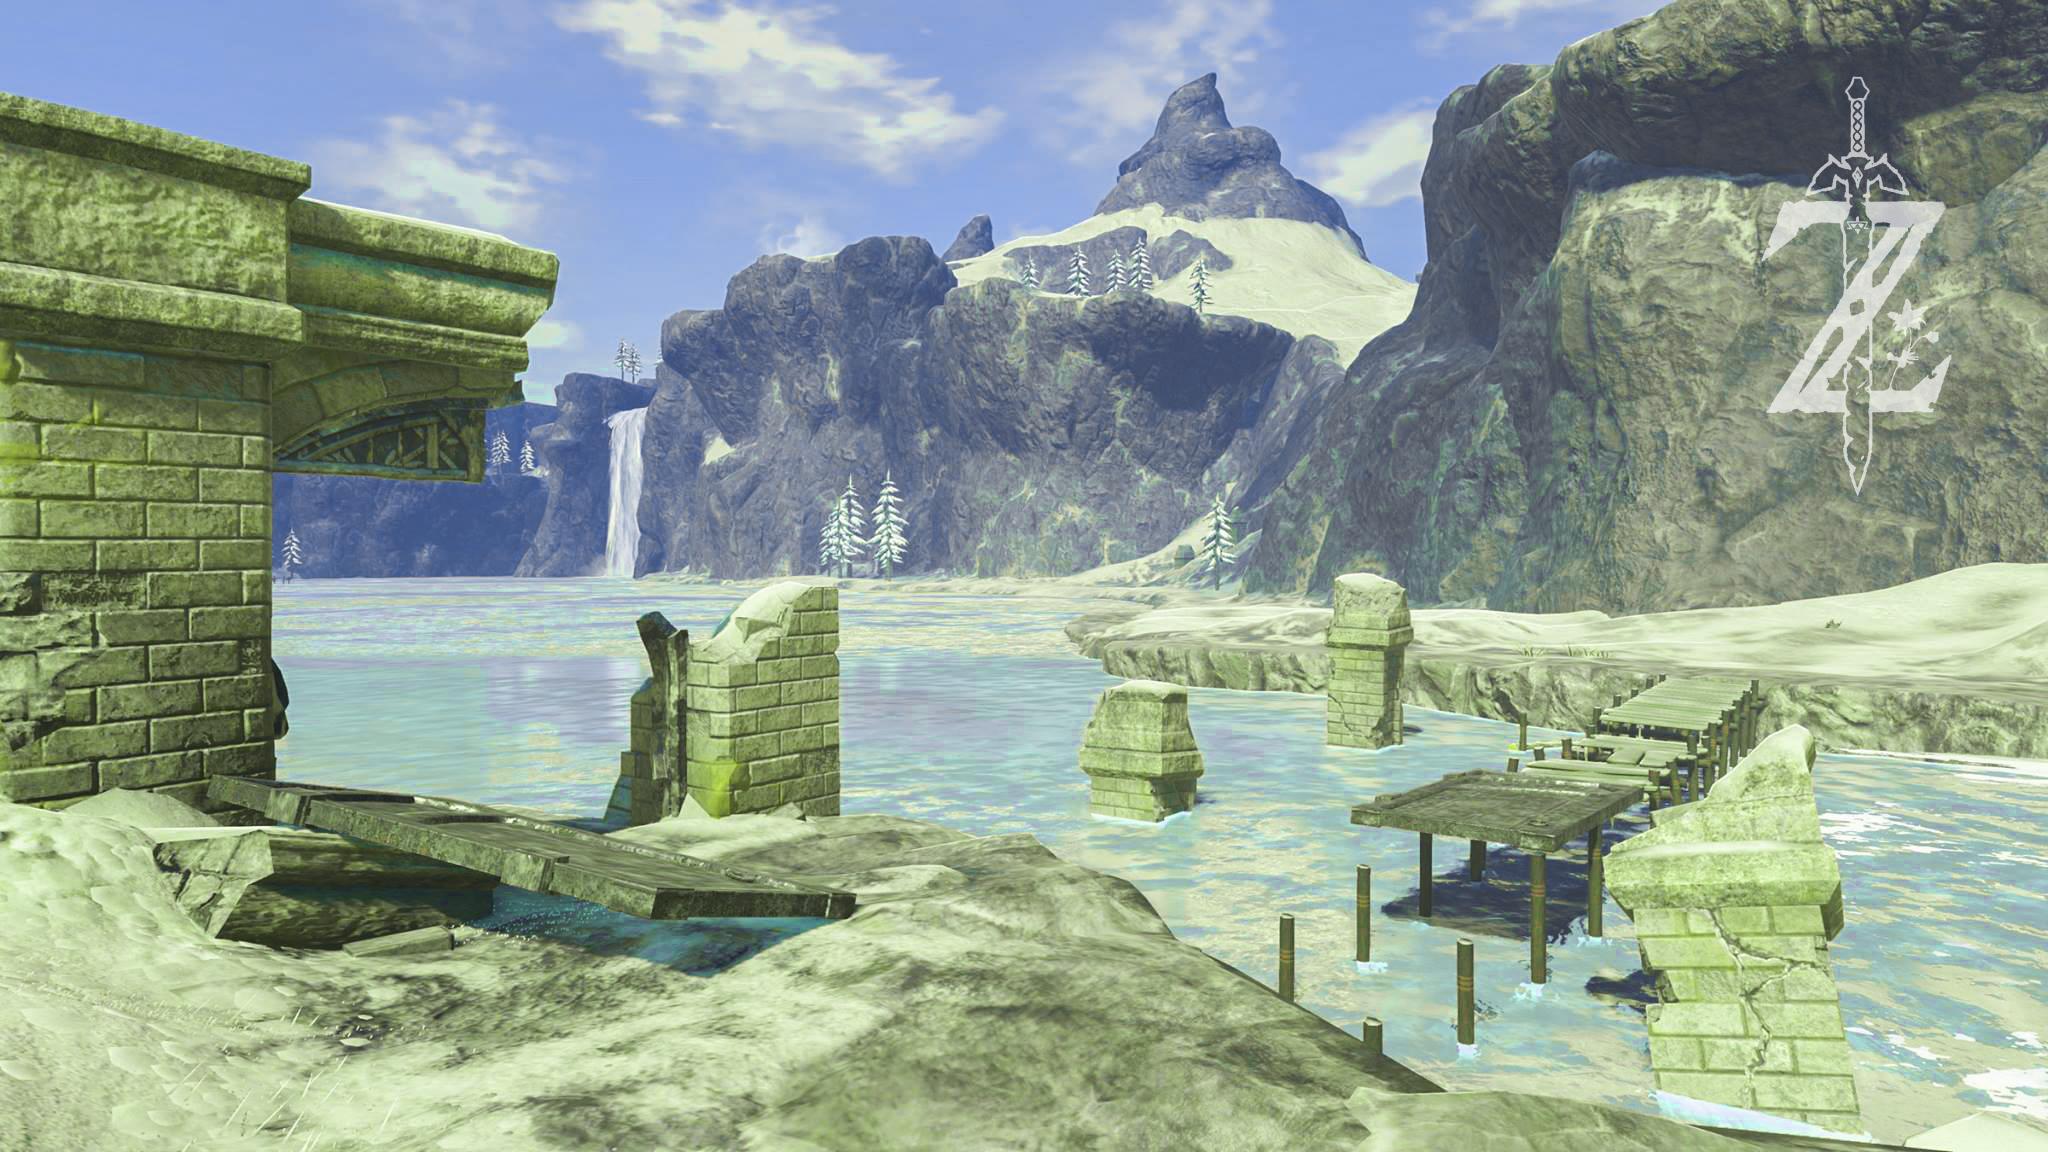 Bilde4 - Legend Of Zelda Breath Of The Wild - HD Wallpaper